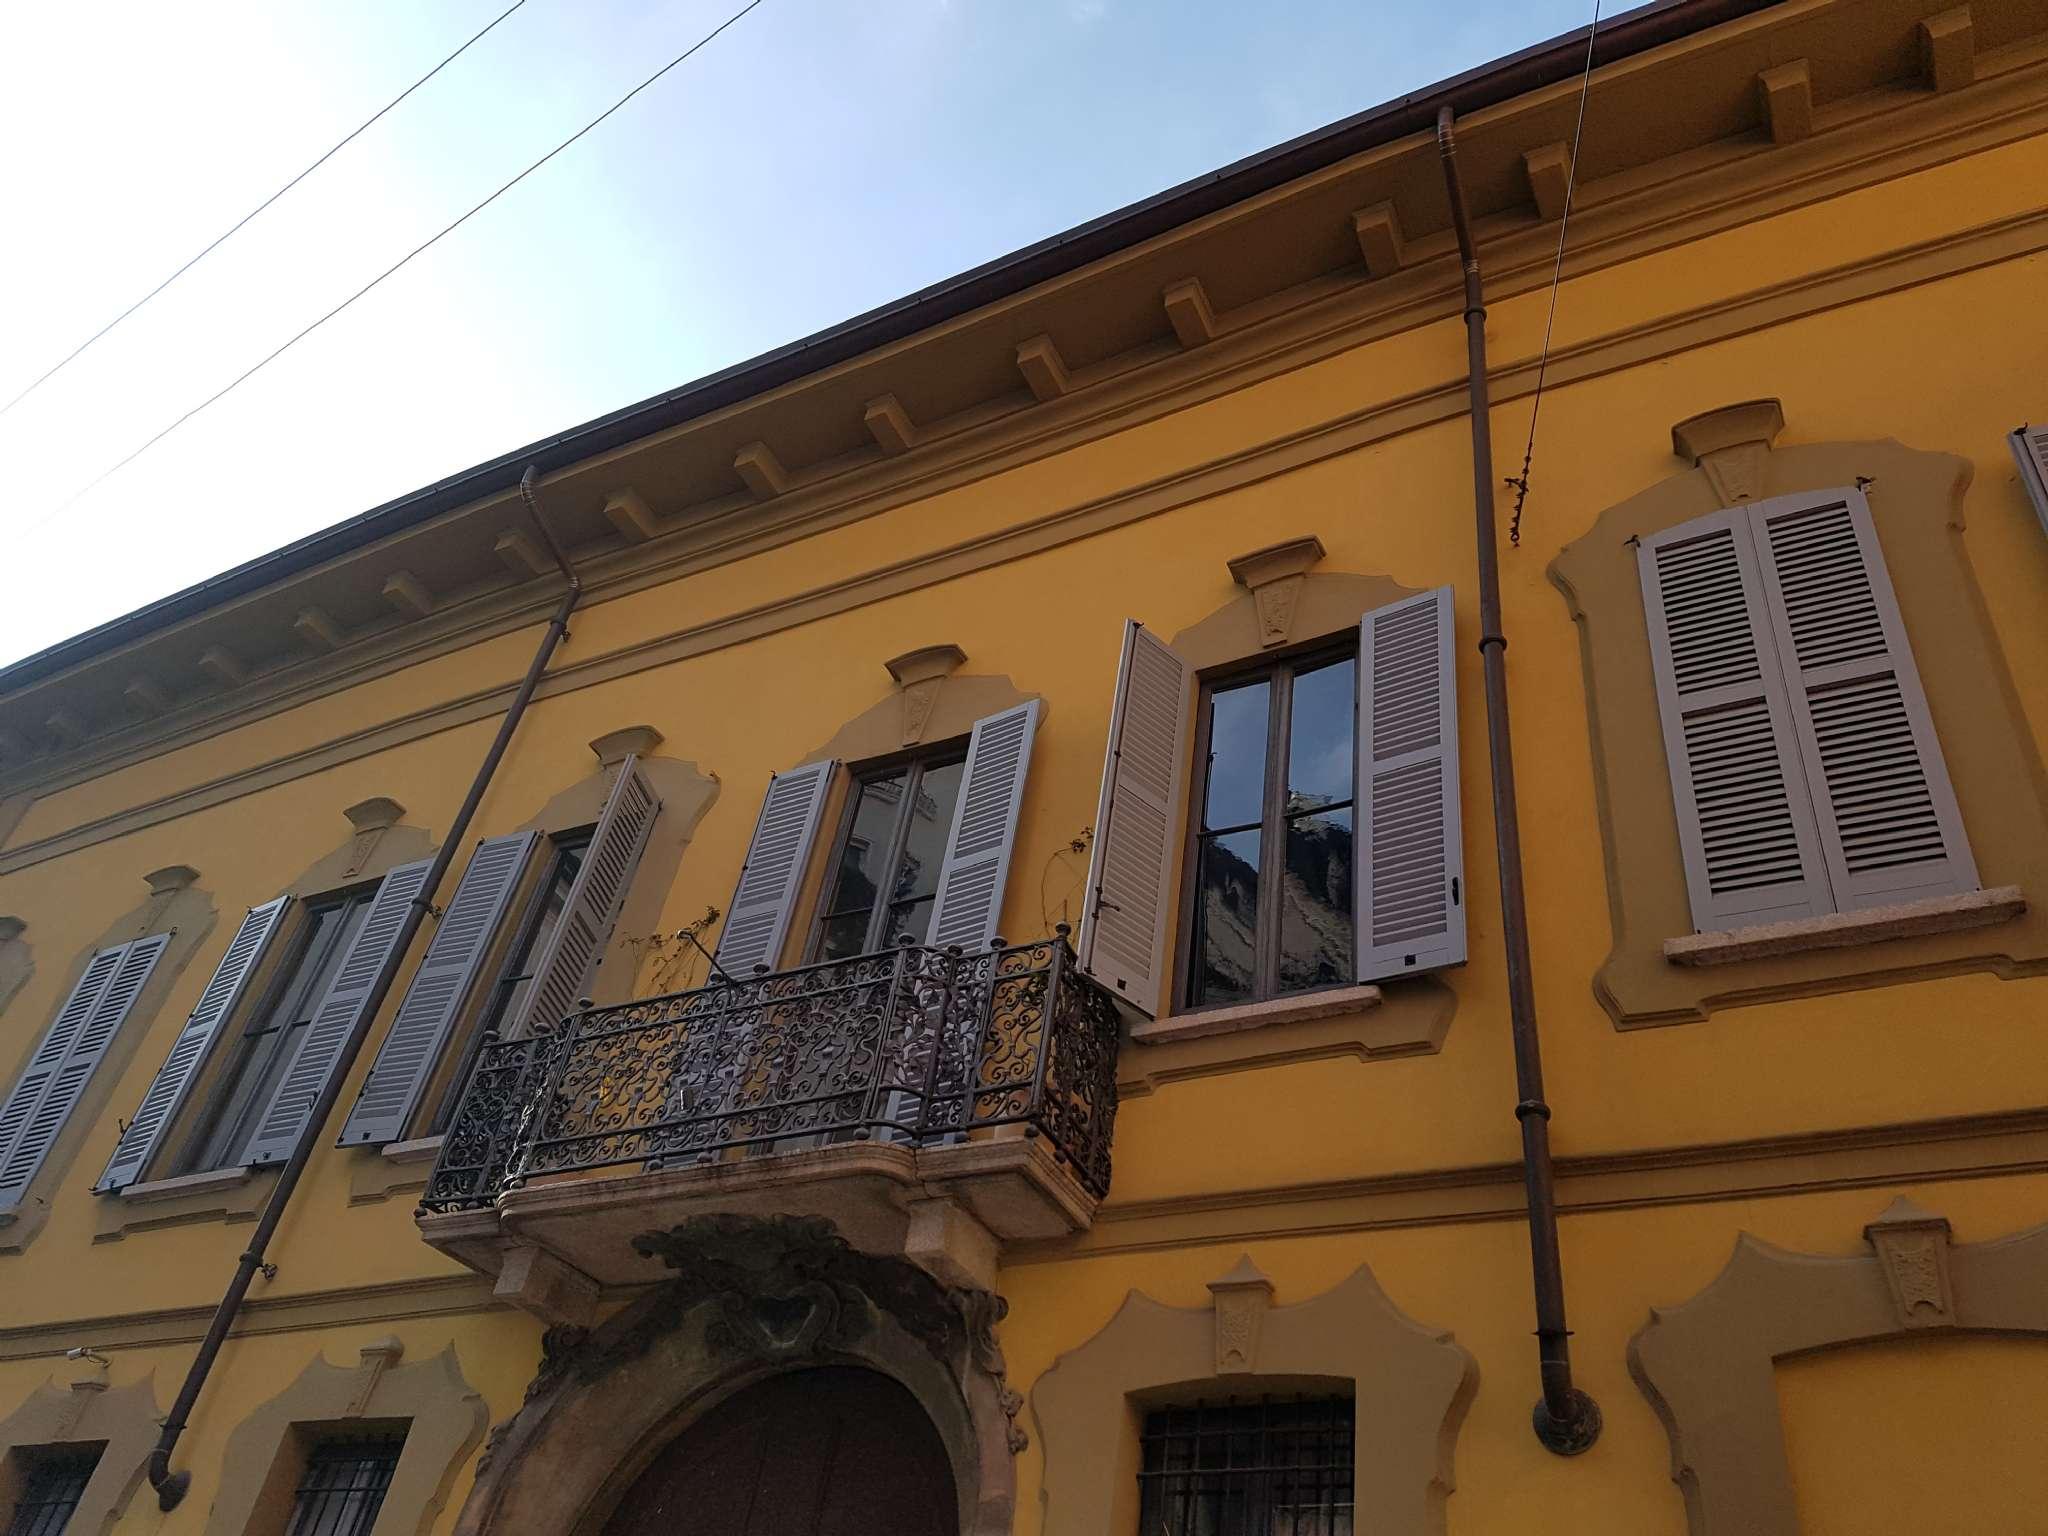 Appartamento in affitto a Milano, 3 locali, zona Zona: 1 . Centro Storico, Duomo, Brera, Cadorna, Cattolica, prezzo € 4.000 | Cambio Casa.it